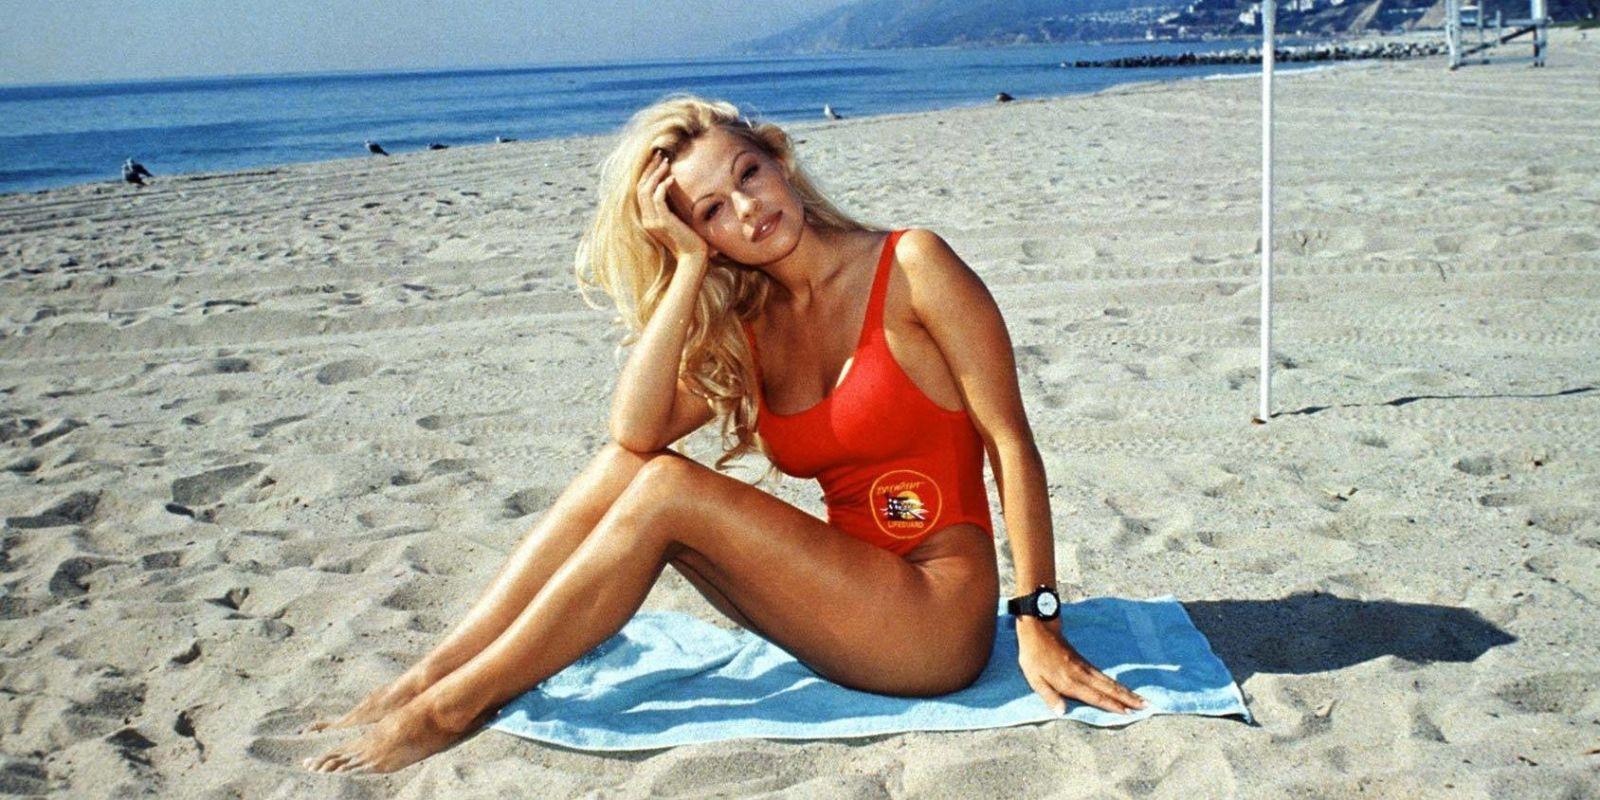 Nhan sắc màn ảnh một thời của quả bom sex 51 tuổi - bạn gái cầu thủ đội tuyển Pháp - Ảnh 4.